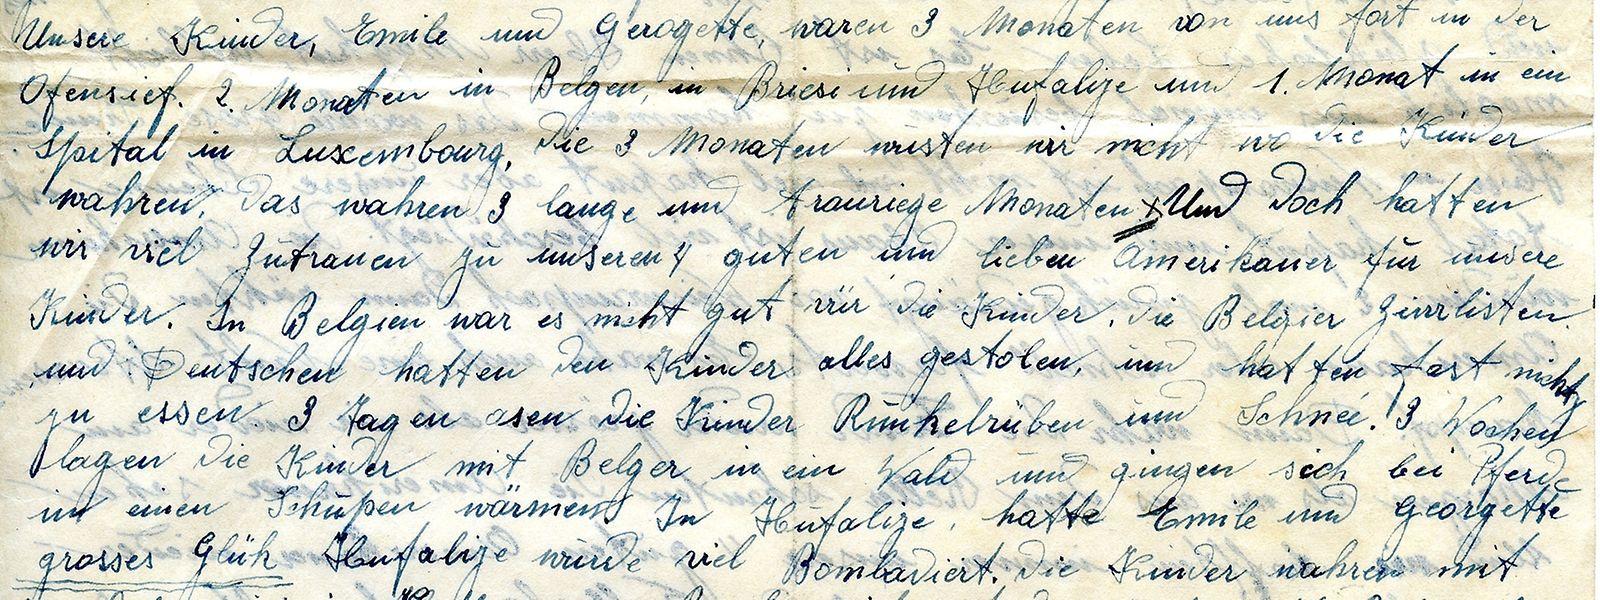 """Kaum war der Brief aus dem Nachlass von US-Soldat Pier Majkut im """"Luxemburger Wort"""" erschienen, da konnte Jean Thommes aus Weiswampach auch schon als Absender des vor 75 Jahren verfassten Schreibens identifiziert werden."""